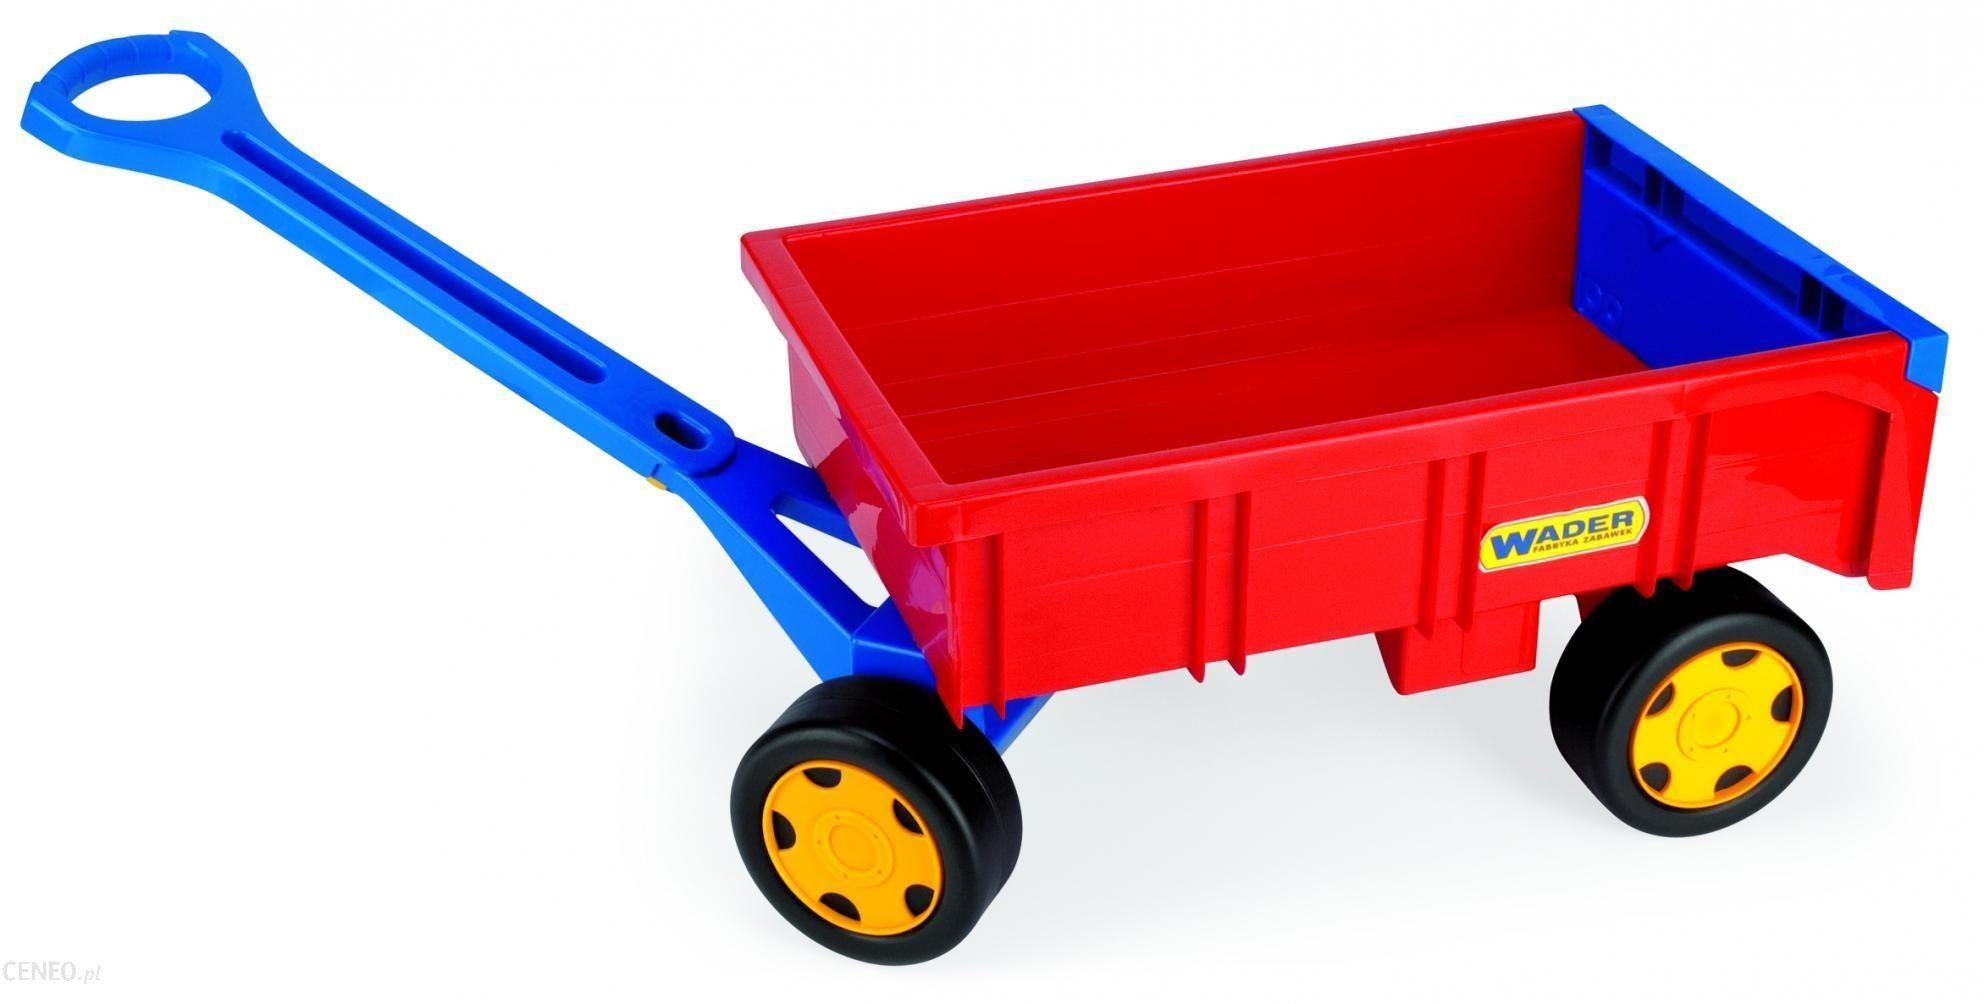 WADER Wózek - przyczepa dla dziewczynek 10955